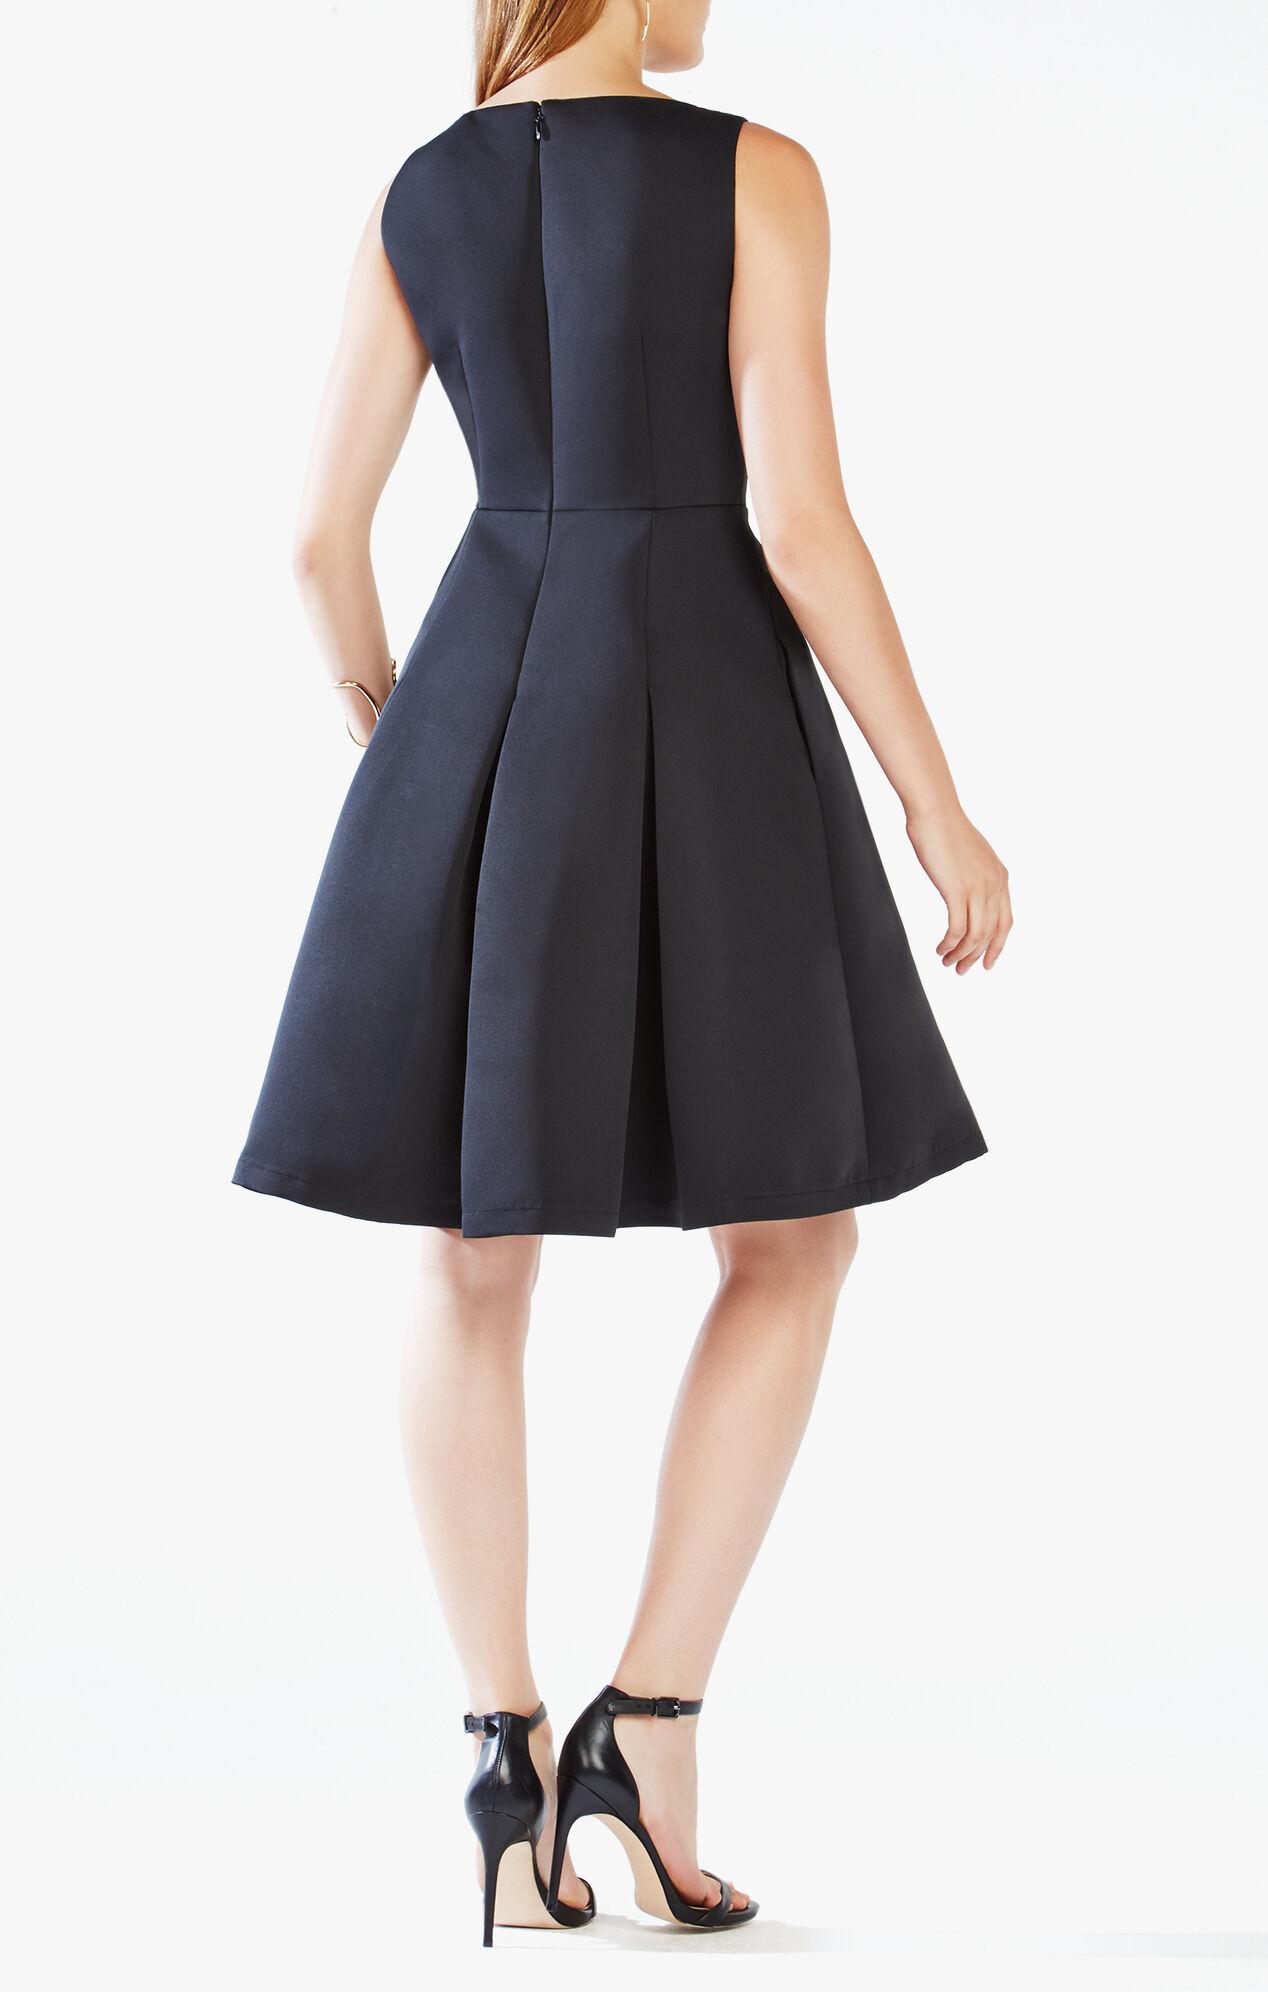 Tilldah Pleated Dress